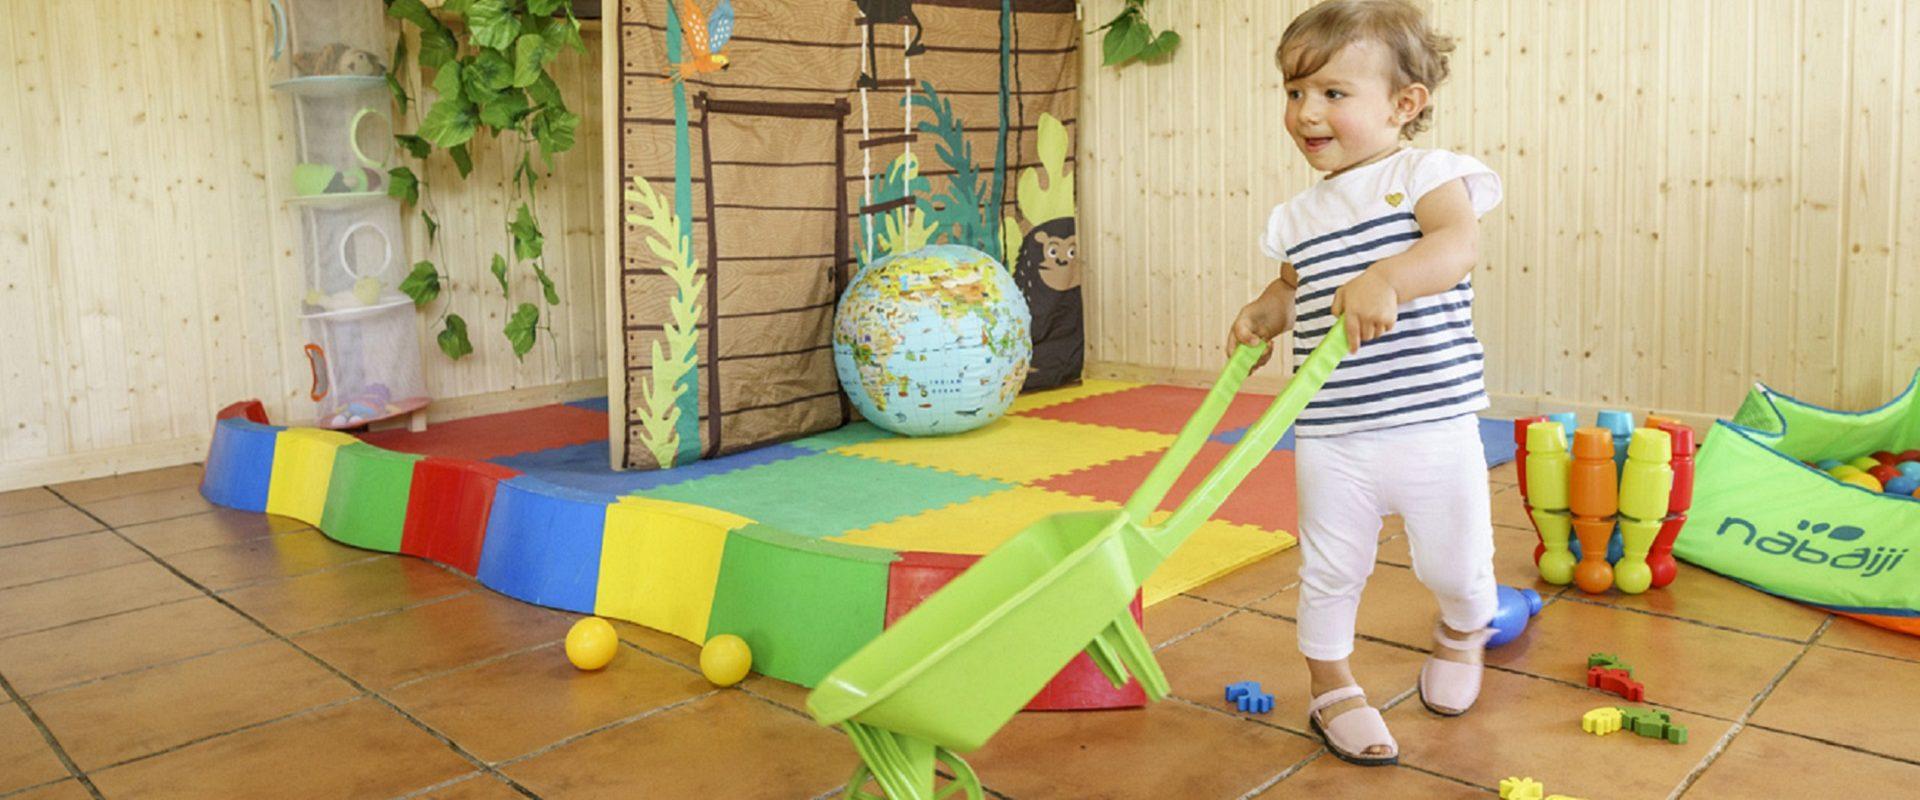 niño jugando con una carretilla en la ludoteca